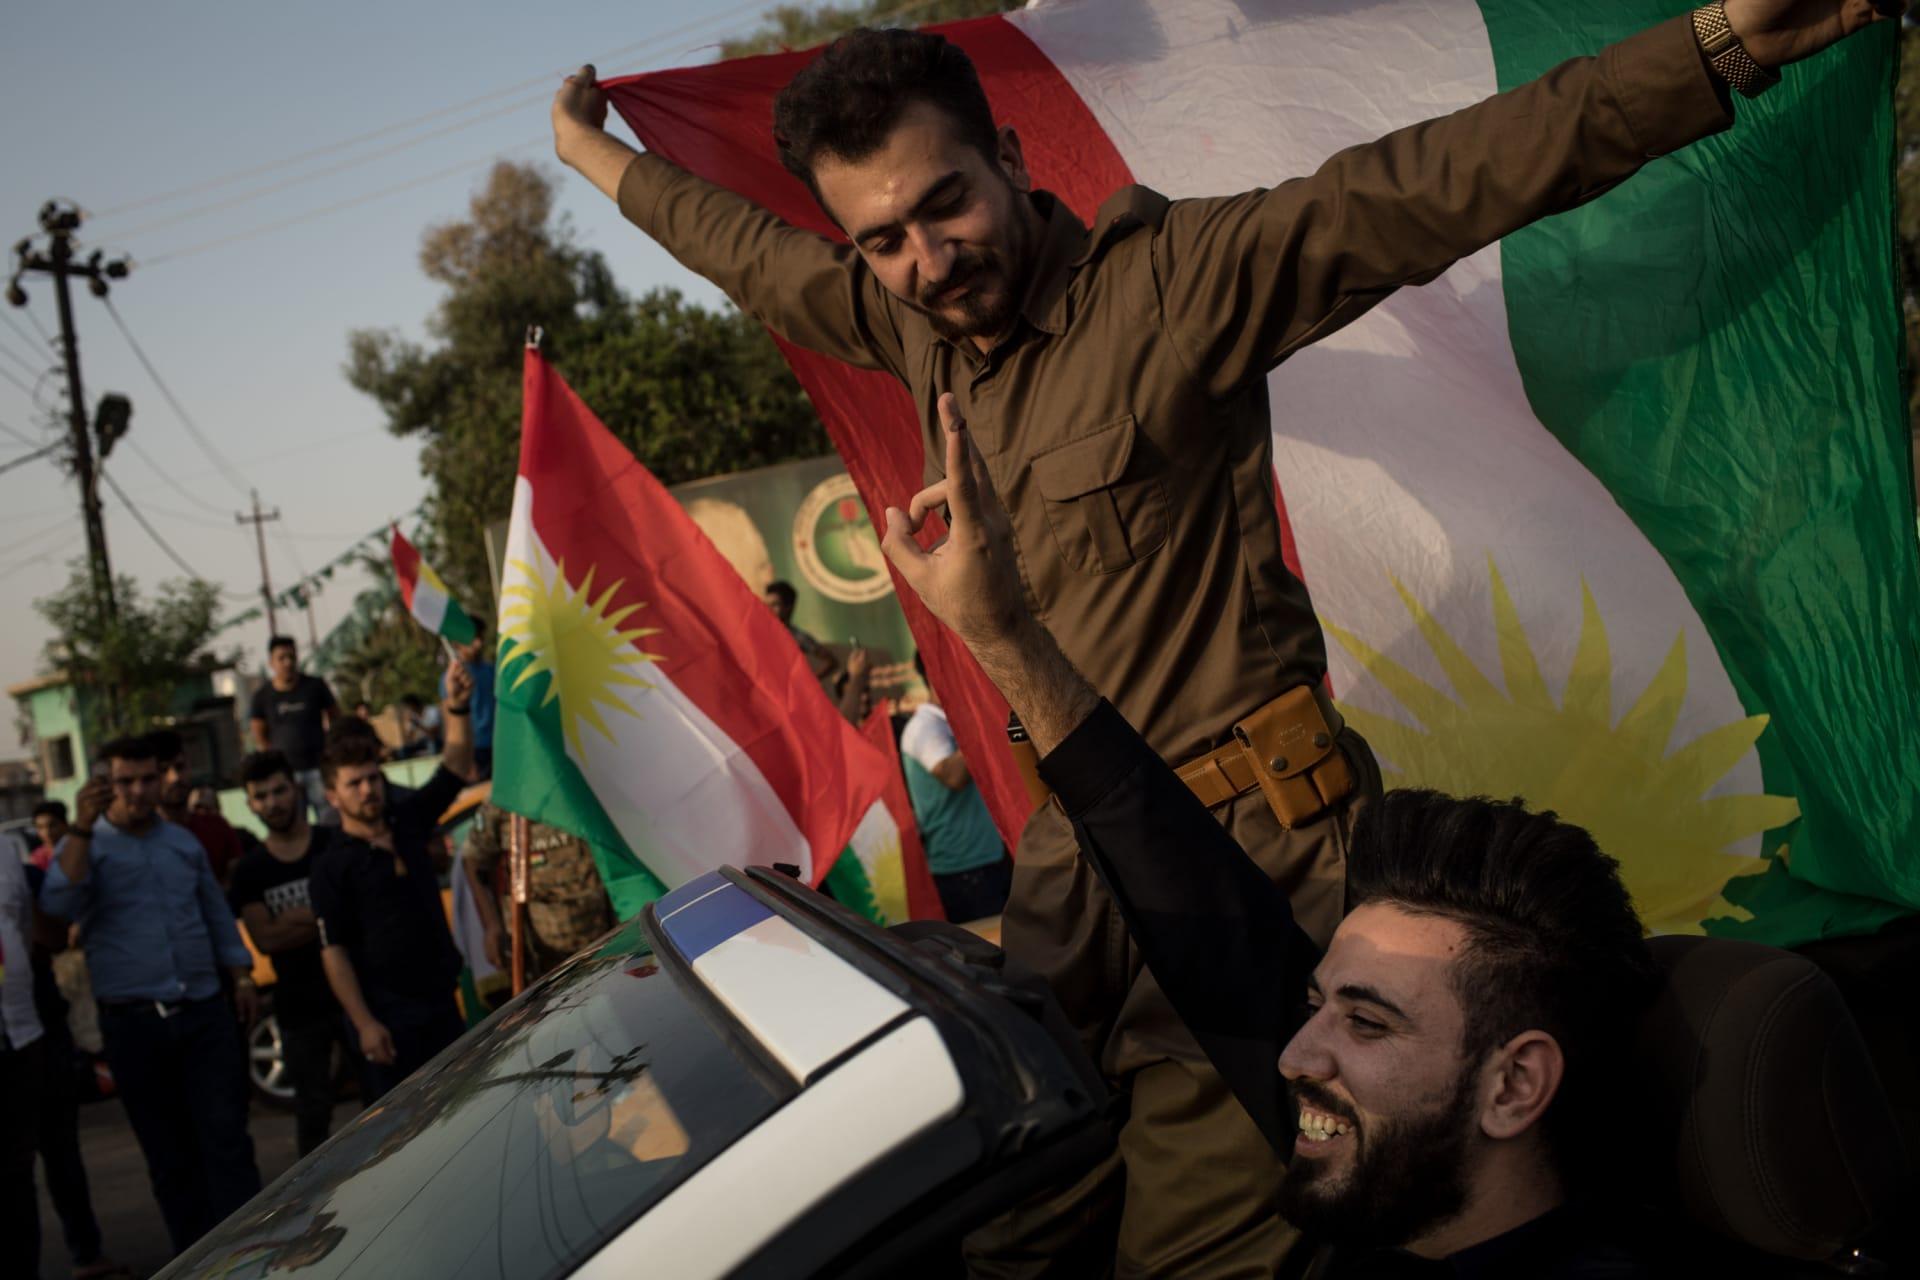 إيران: استفتاء كردستان مؤامرة قد تحرك باقي الأقليات للاستقلال